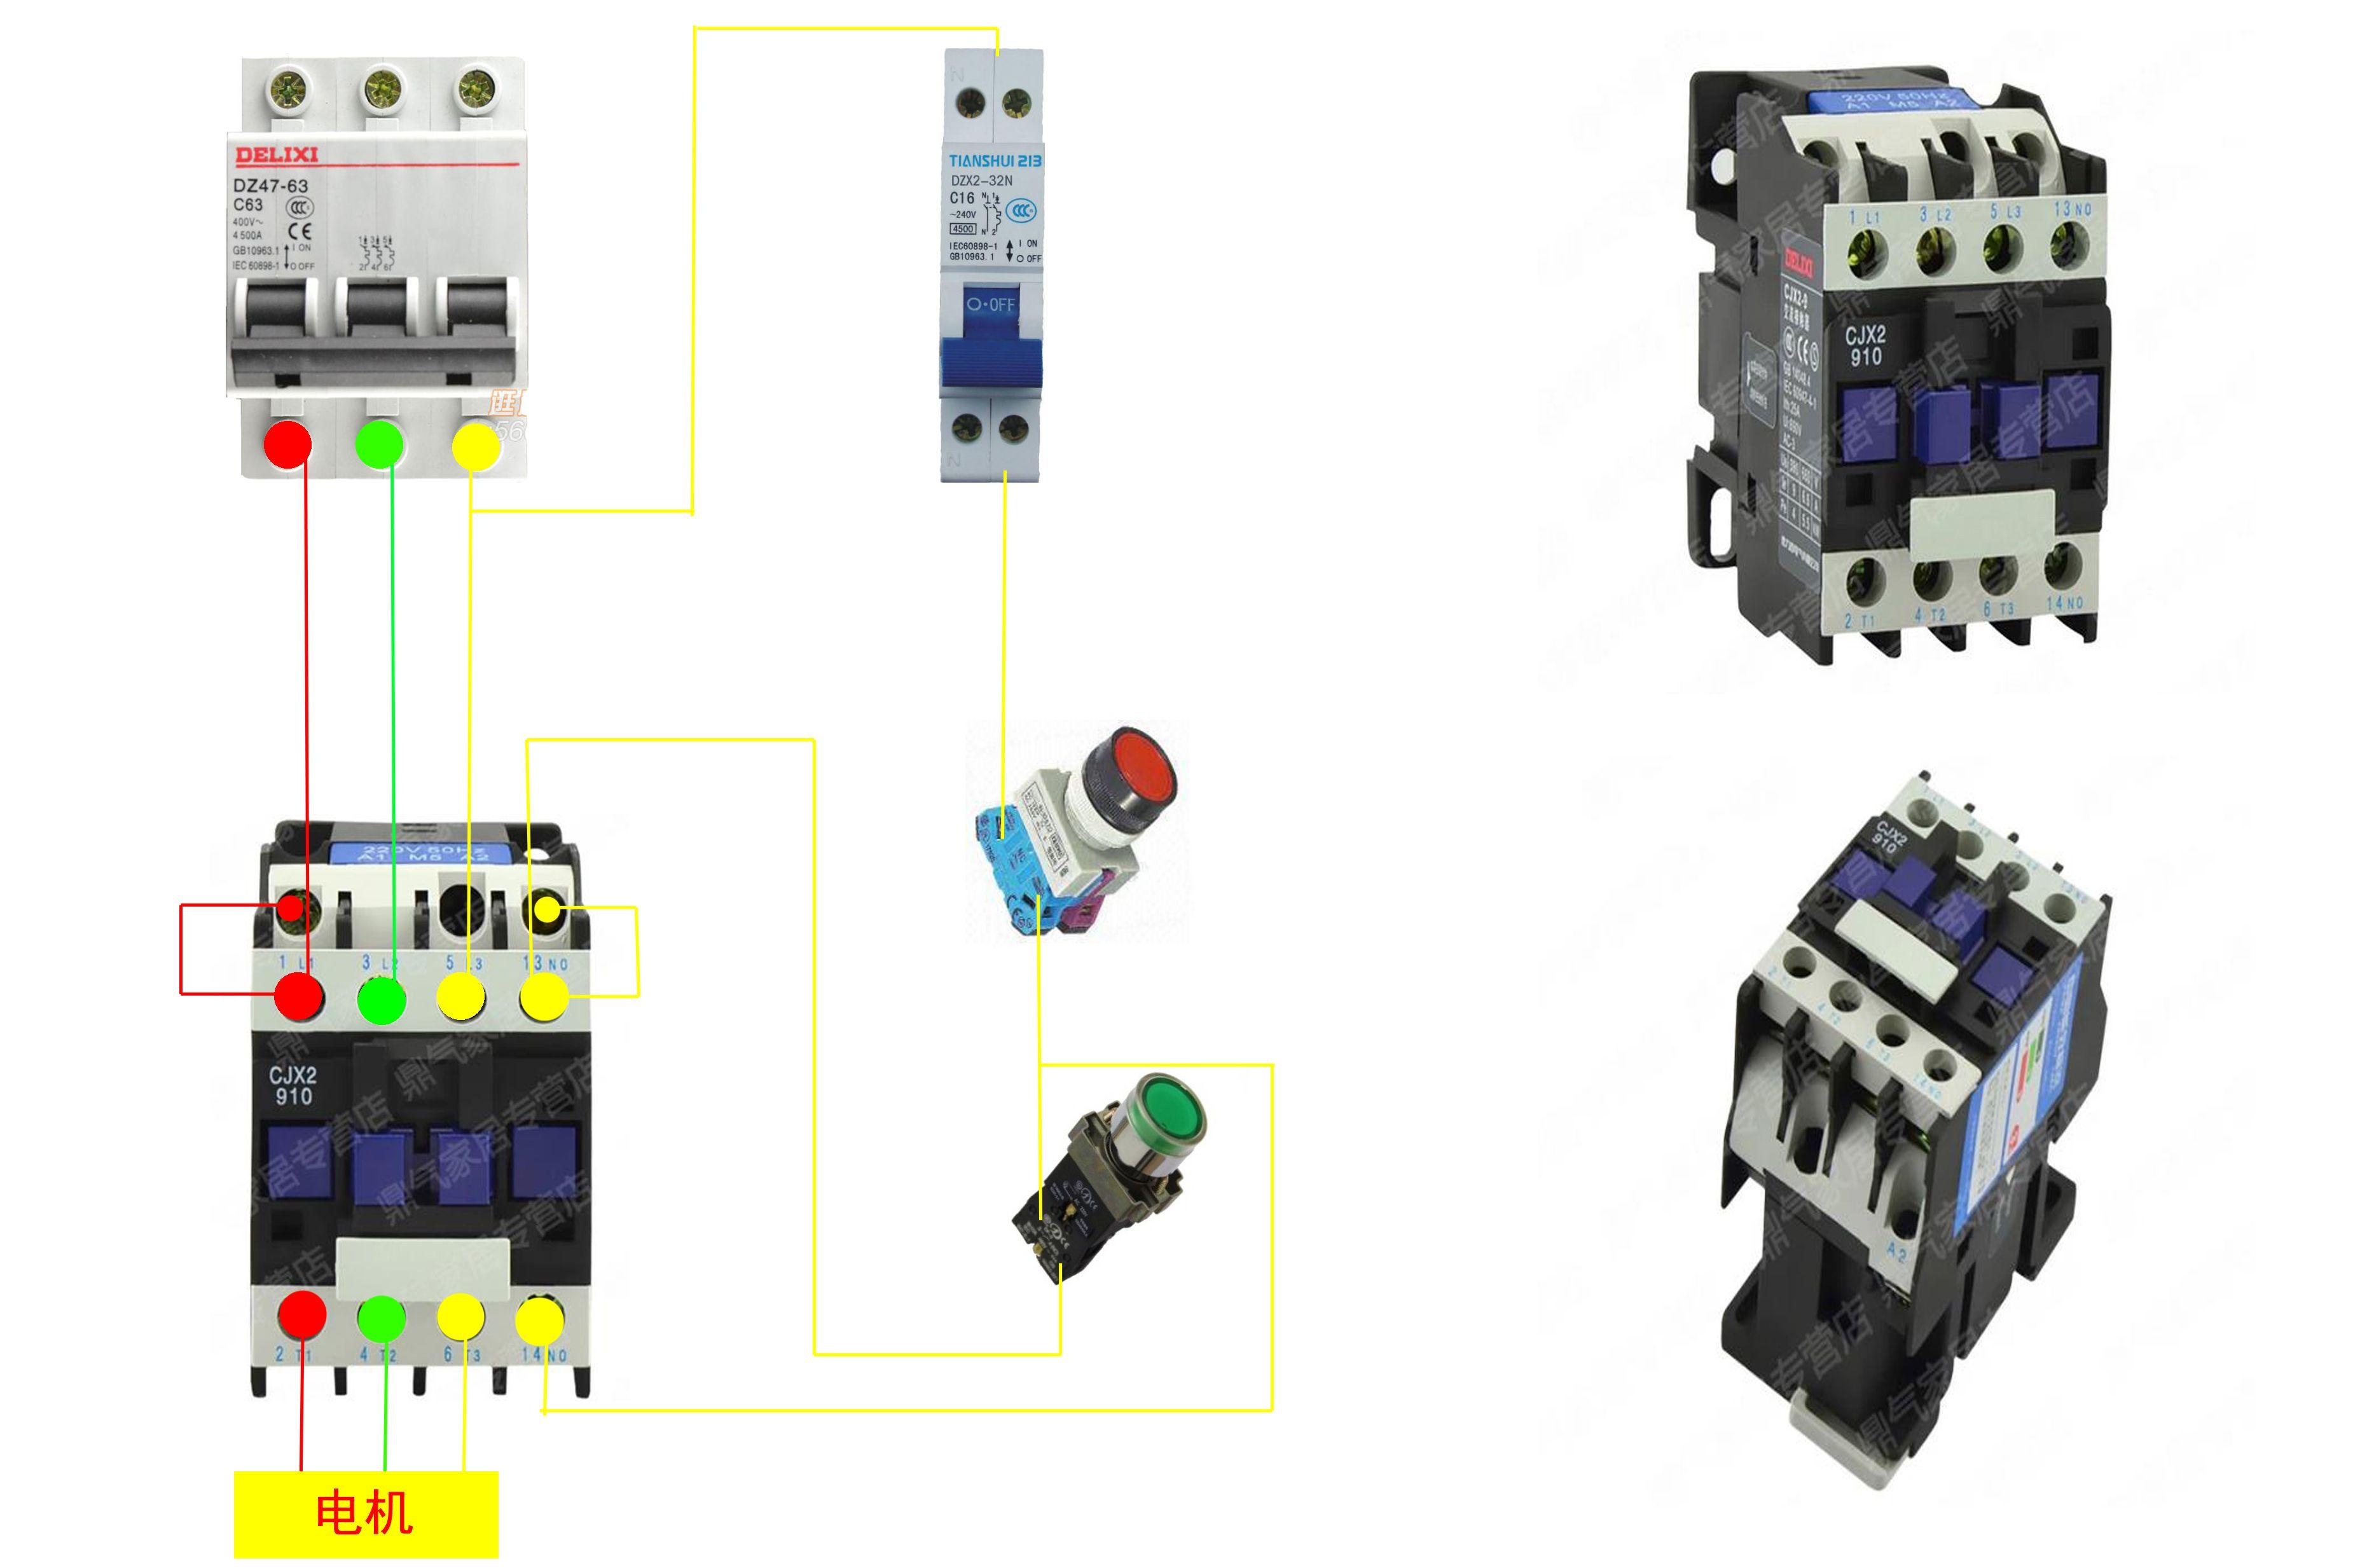 交流接触器接线实图 电压表接线实物图 交流接触器互锁加自锁 cjx2交